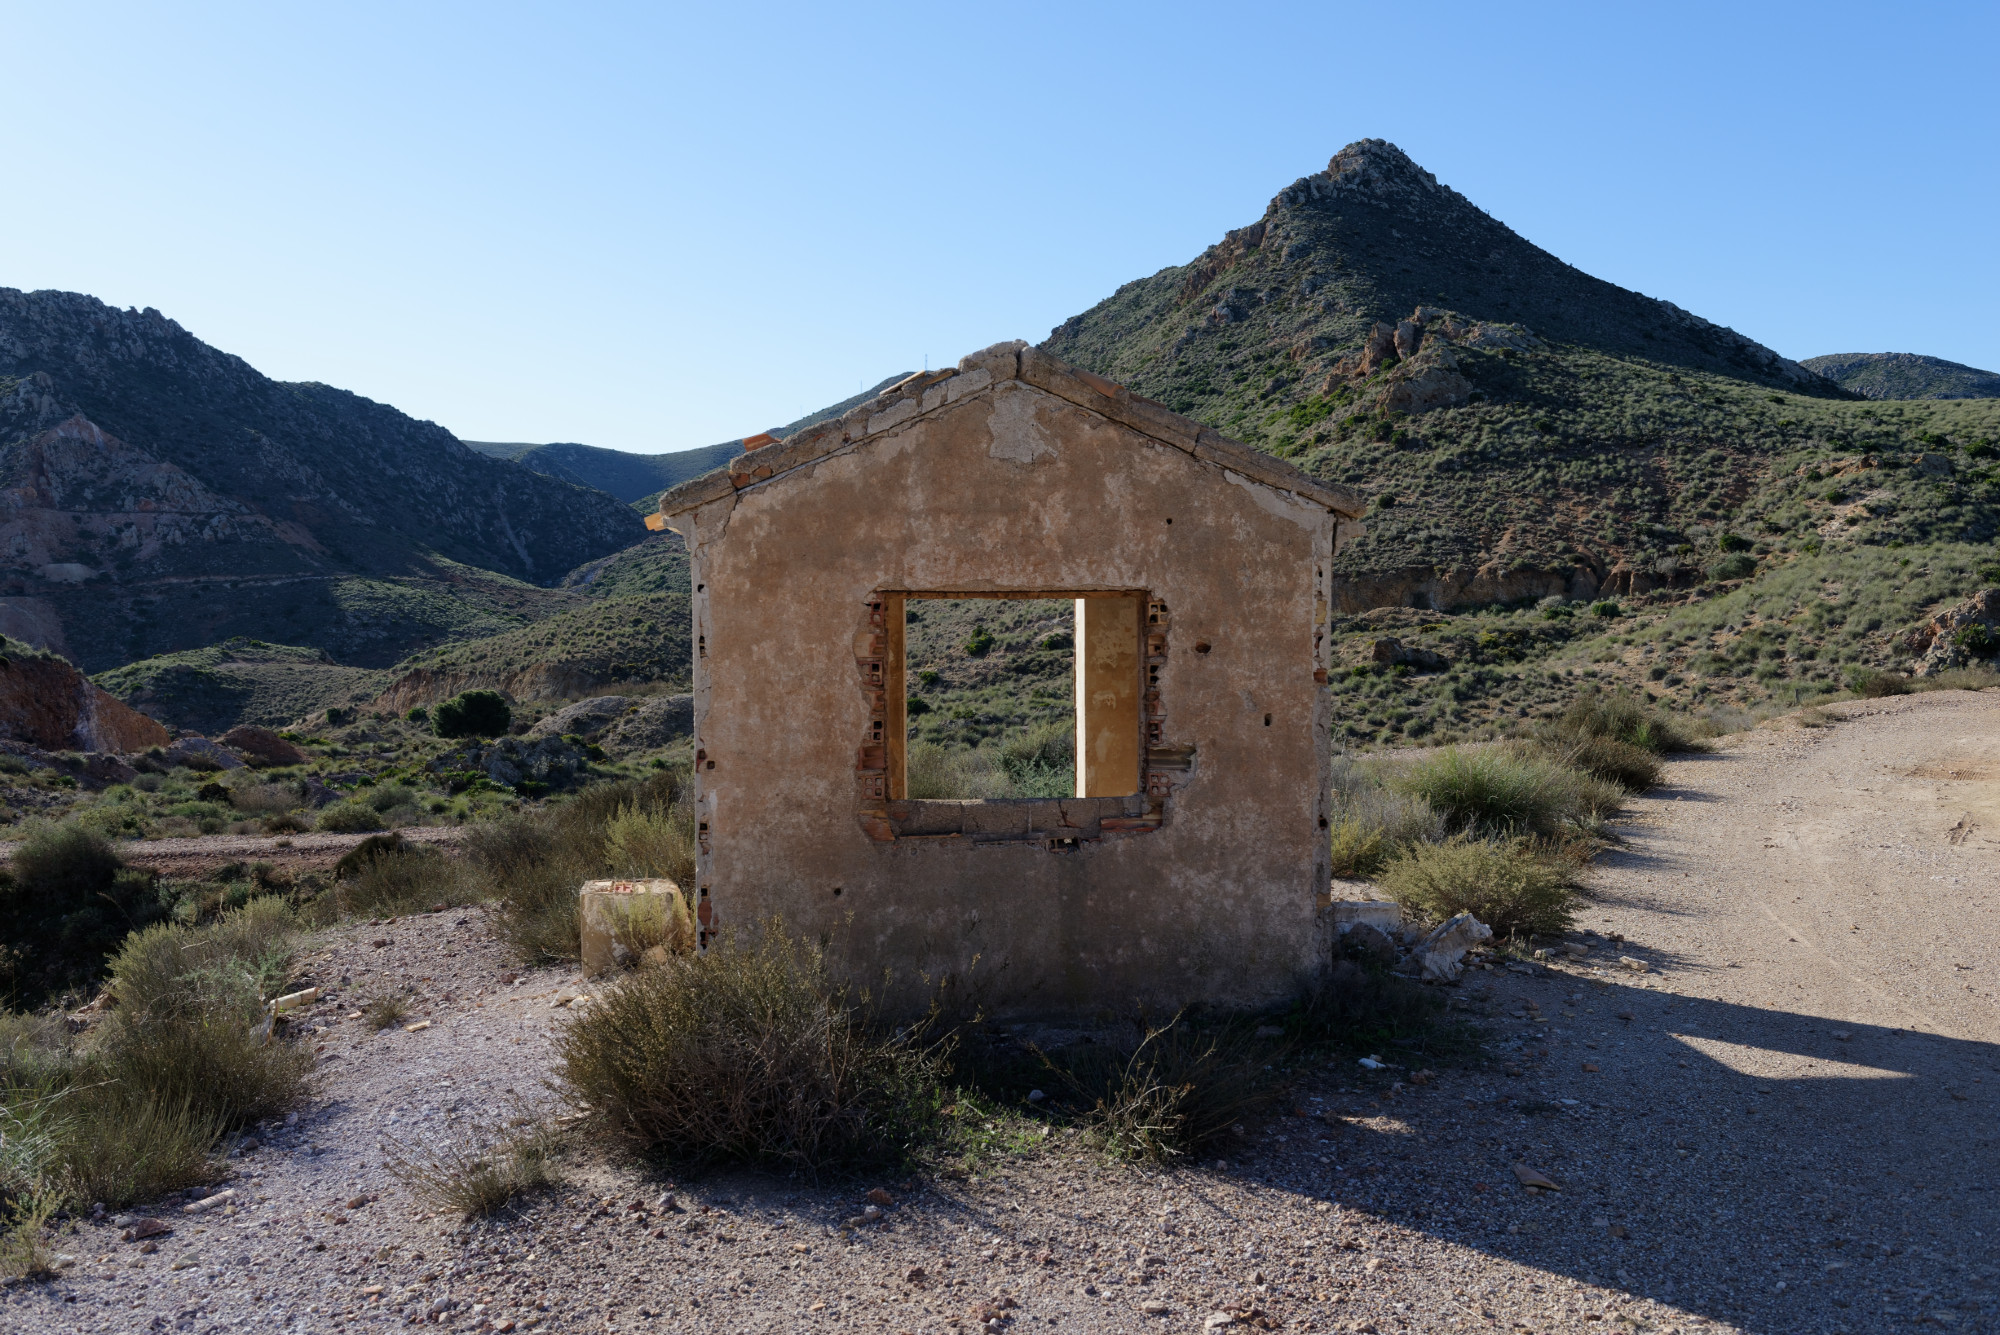 171218-Piste Rodalquilar vers Cortijo del Fraile (Cabo de Gata-Andalousie) (26)